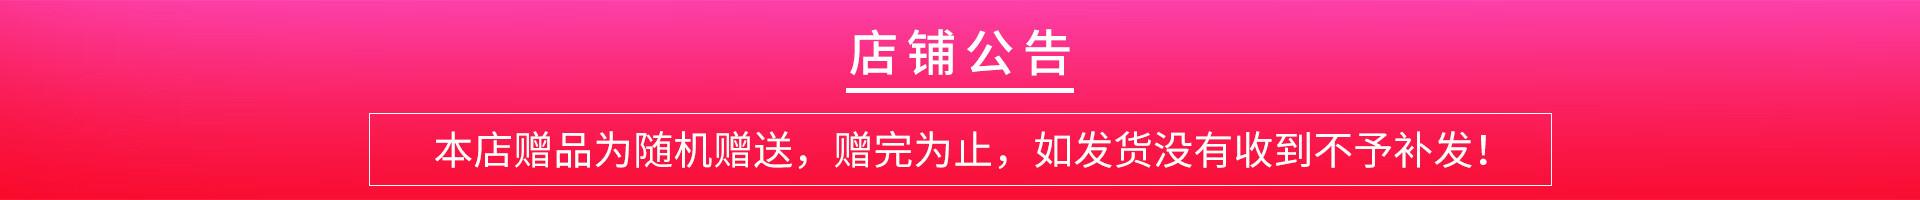 高二第一学期青海理科生所有课本_盈四海图书专营店 - 京东